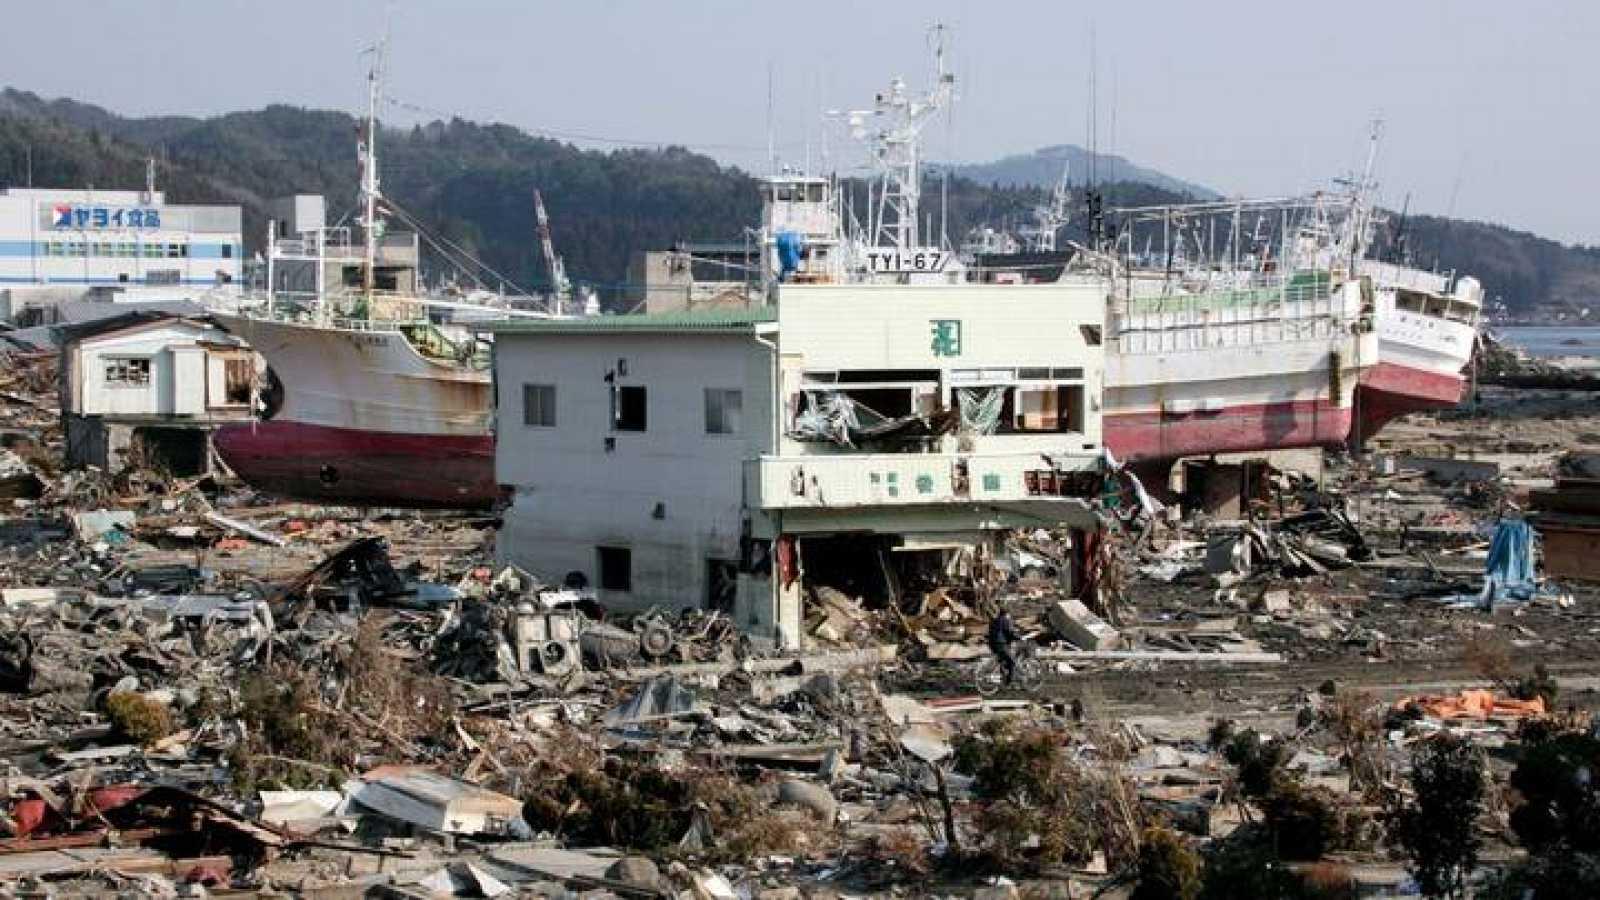 Vista de varios barcos de pesca varados en tierra y una tienda de algas marinas destruida en una zona arrasada por el tsunami en Kesennuma (Japón), en marzo de 2011.